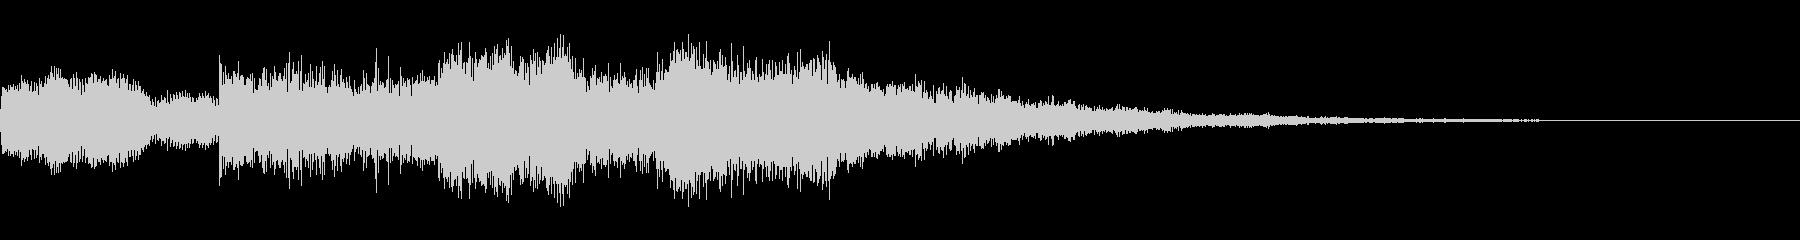 ピンポンパンポン(アナウンス始まりの音)の未再生の波形